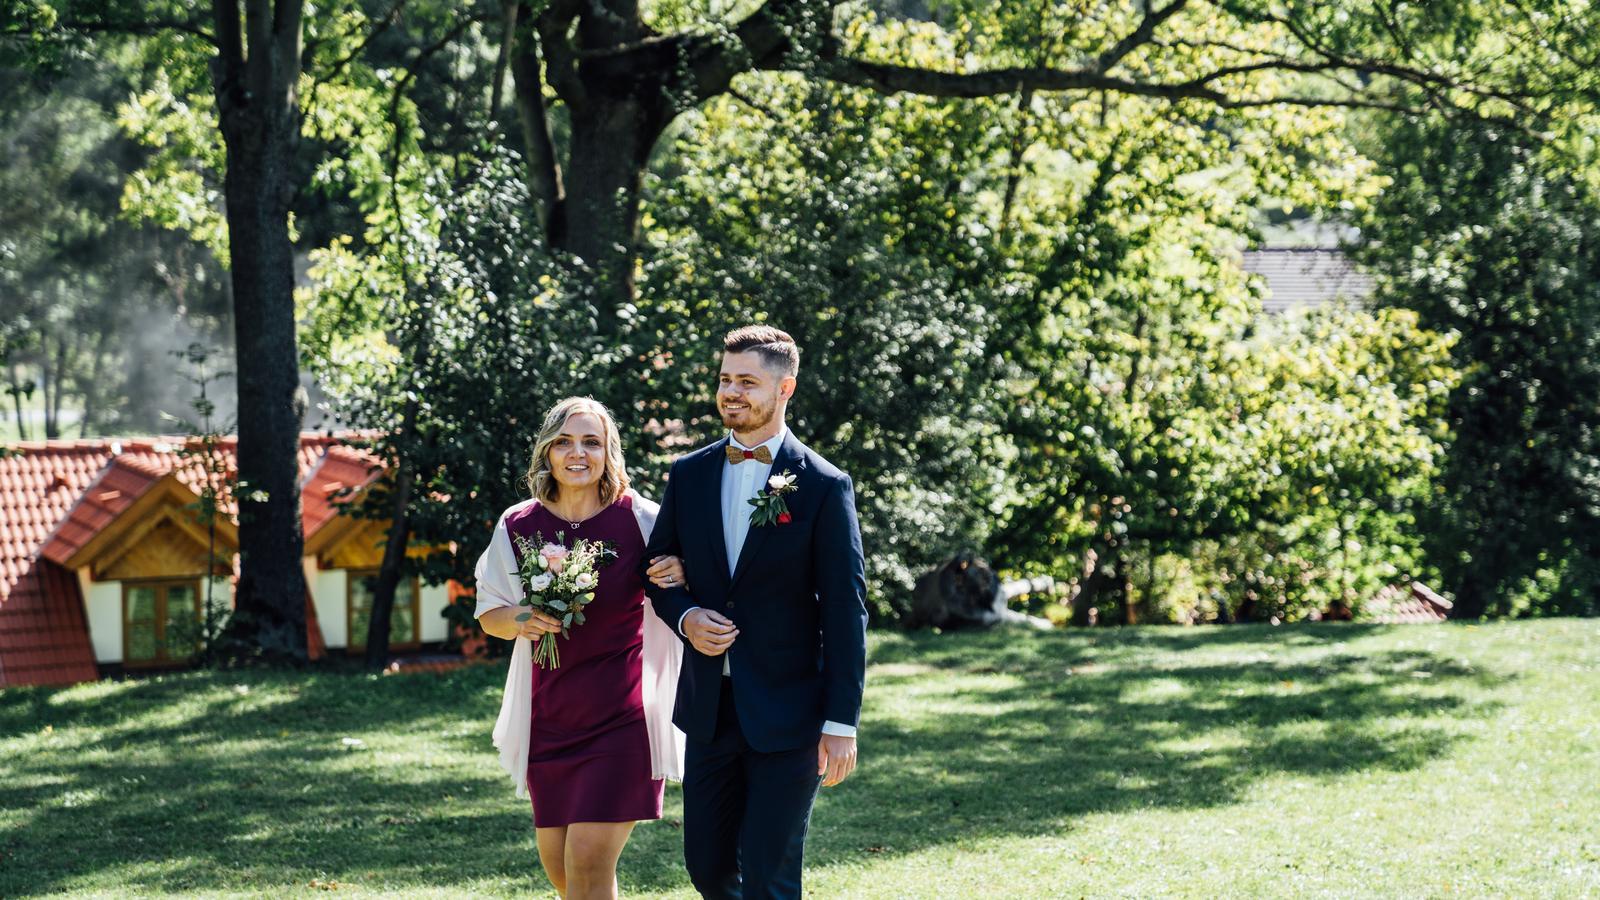 Kateřina & Tomáš (Podzimní svatba 2019) - Obrázek č. 12